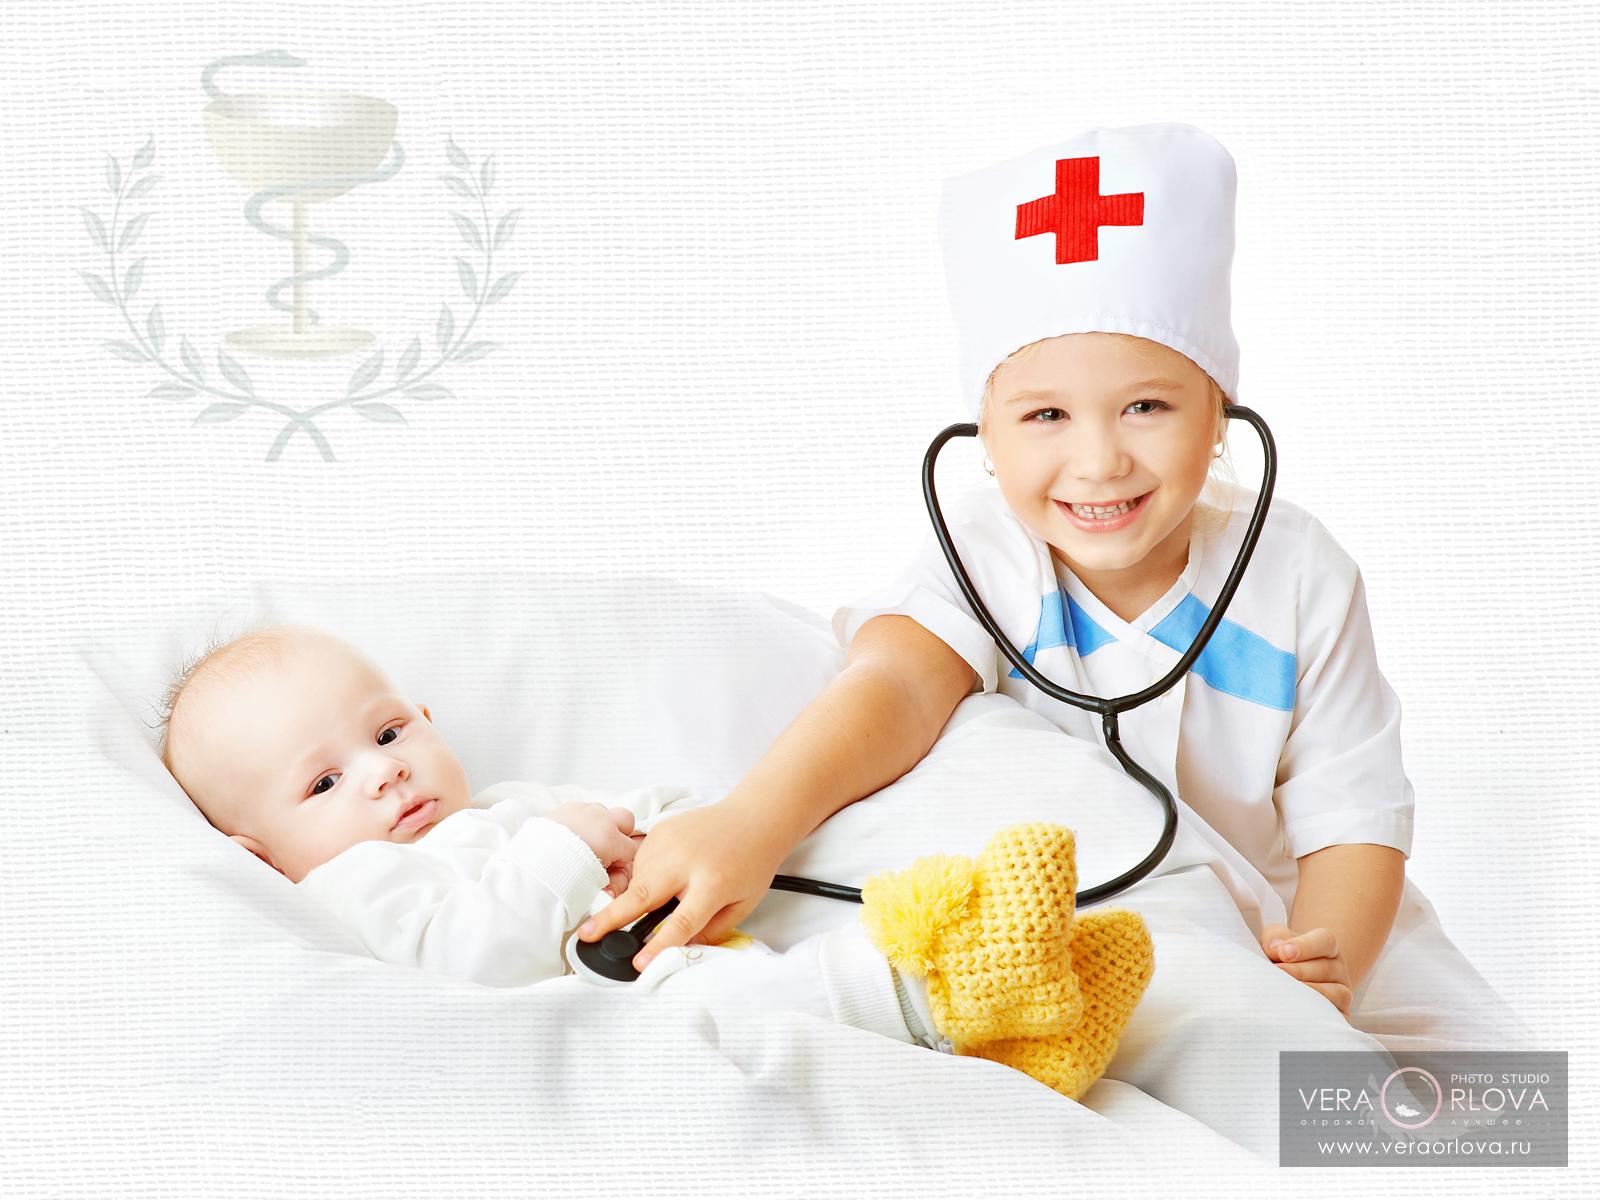 Детский врач на дом - Медицинский центр СК-МЕД г. Екатеринбург 2